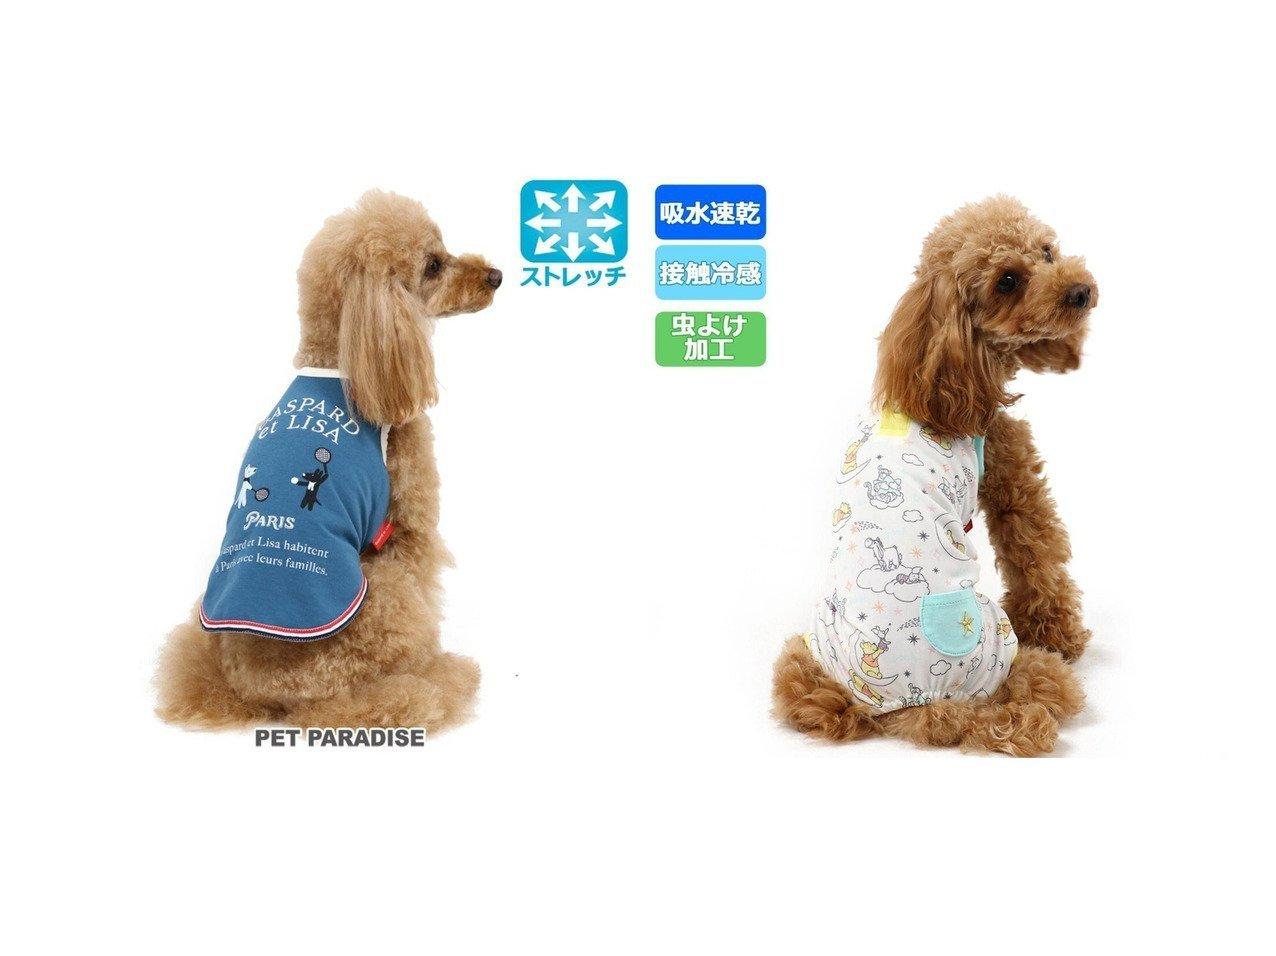 【PET PARADISE/ペットパラダイス】のリサとガスパール ワンダフルストレッチ タンク テニス柄〔小型犬〕&ディズニー くまのプーさん クールマックス ロンパース 〔小型犬〕 接触冷 おすすめ!人気、ペットグッズの通販 おすすめで人気の流行・トレンド、ファッションの通販商品 メンズファッション・キッズファッション・インテリア・家具・レディースファッション・服の通販 founy(ファニー) https://founy.com/ ストレッチ タンク パール 犬 Dog ホームグッズ Home/Garden ペットグッズ Pet Supplies  ID:crp329100000032797